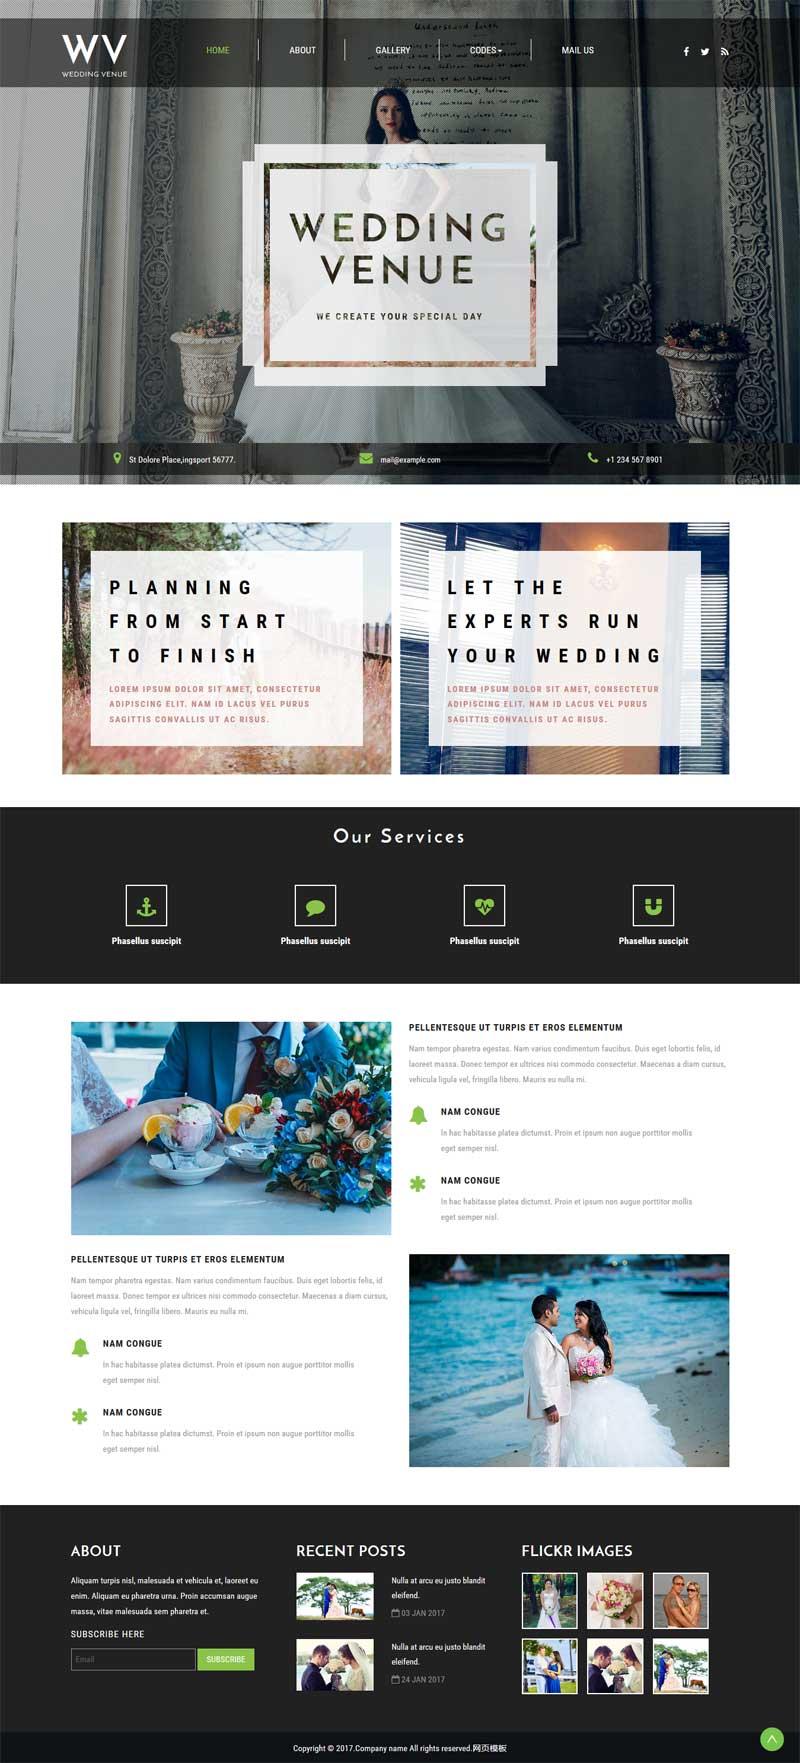 黑色宽屏的婚纱摄影公司网页模板下载